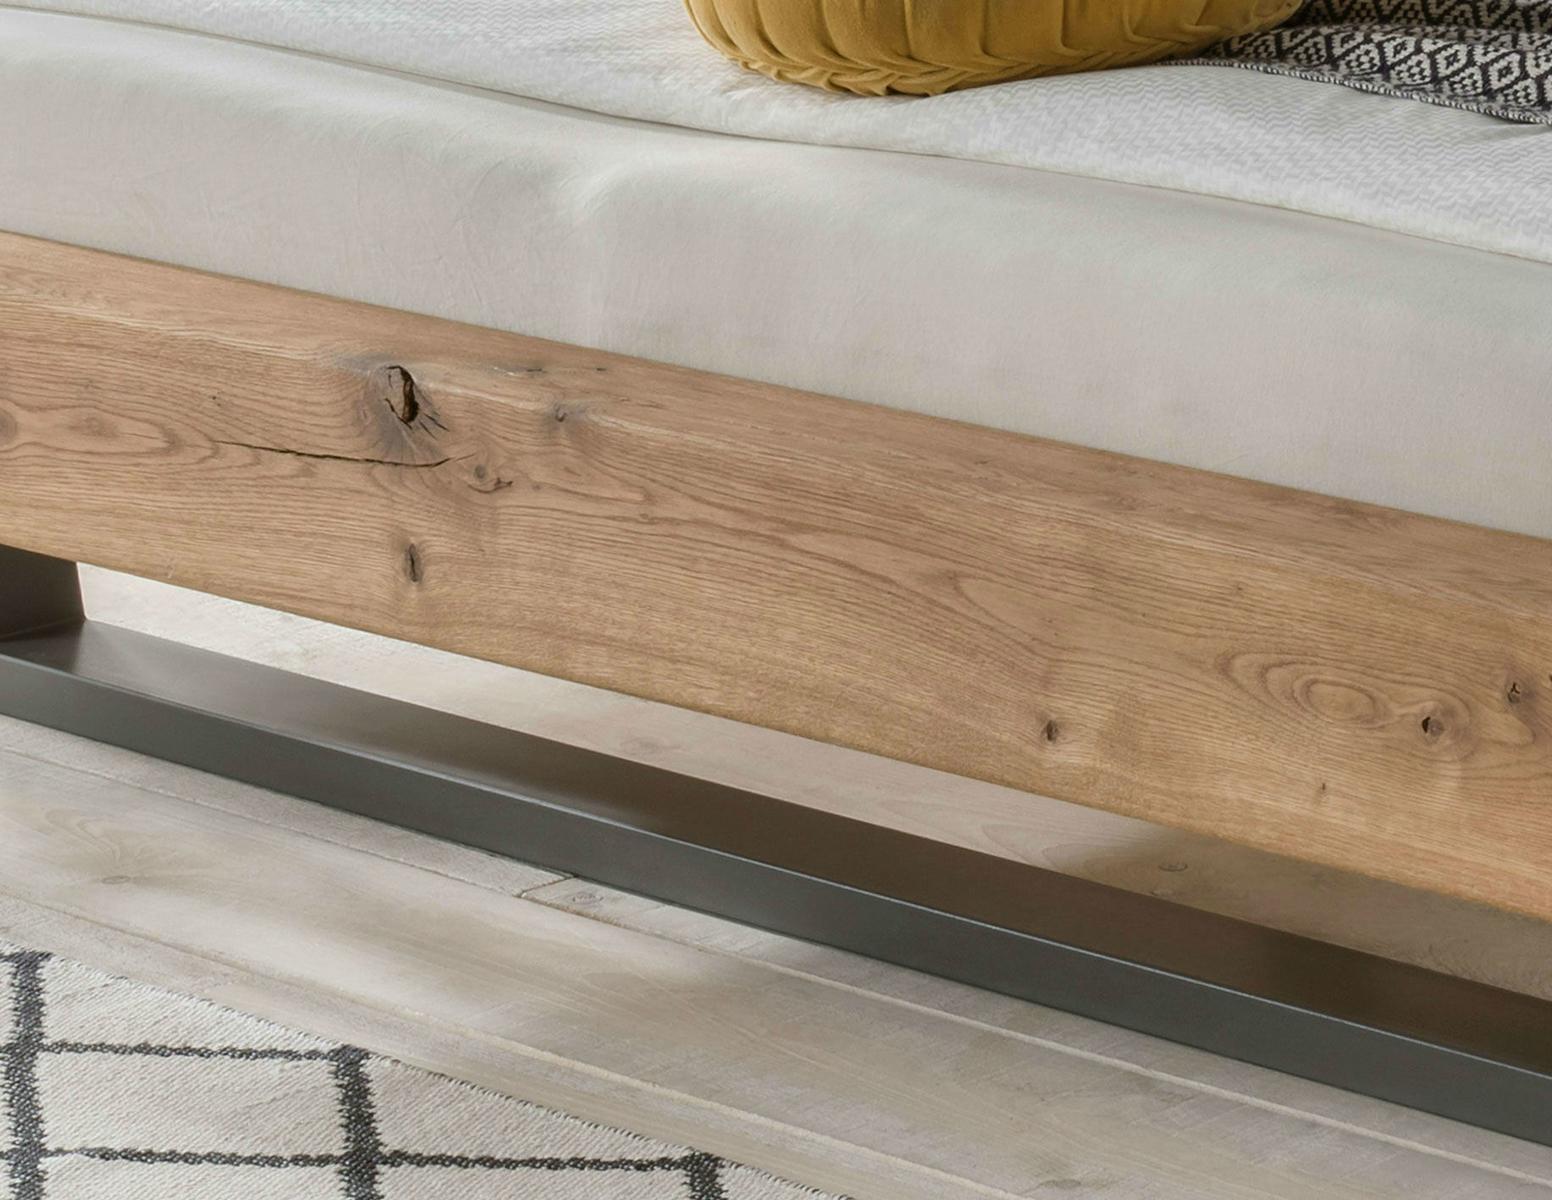 Schwebebalkenbett Wildeiche Massivholz mit Metallgestell, Bild 4